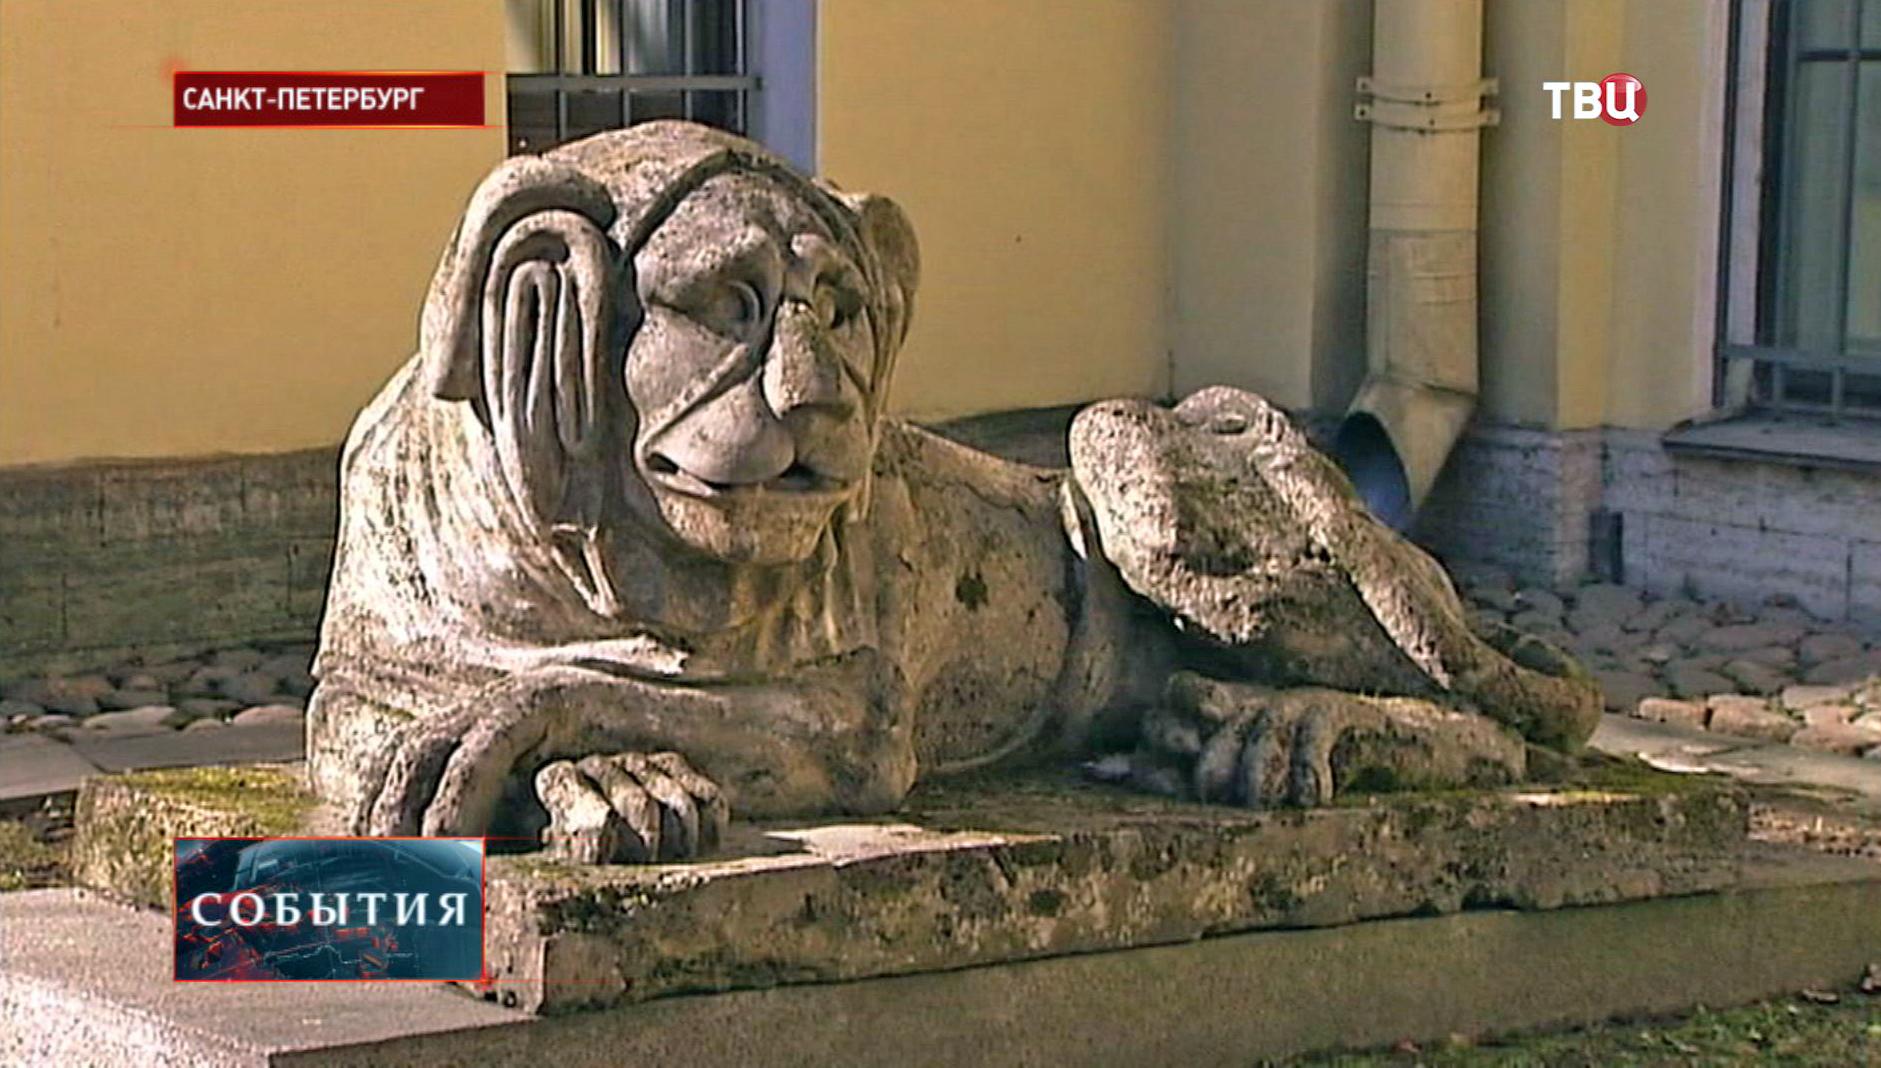 Скульптура в историческом центре Санкт-Петербурга